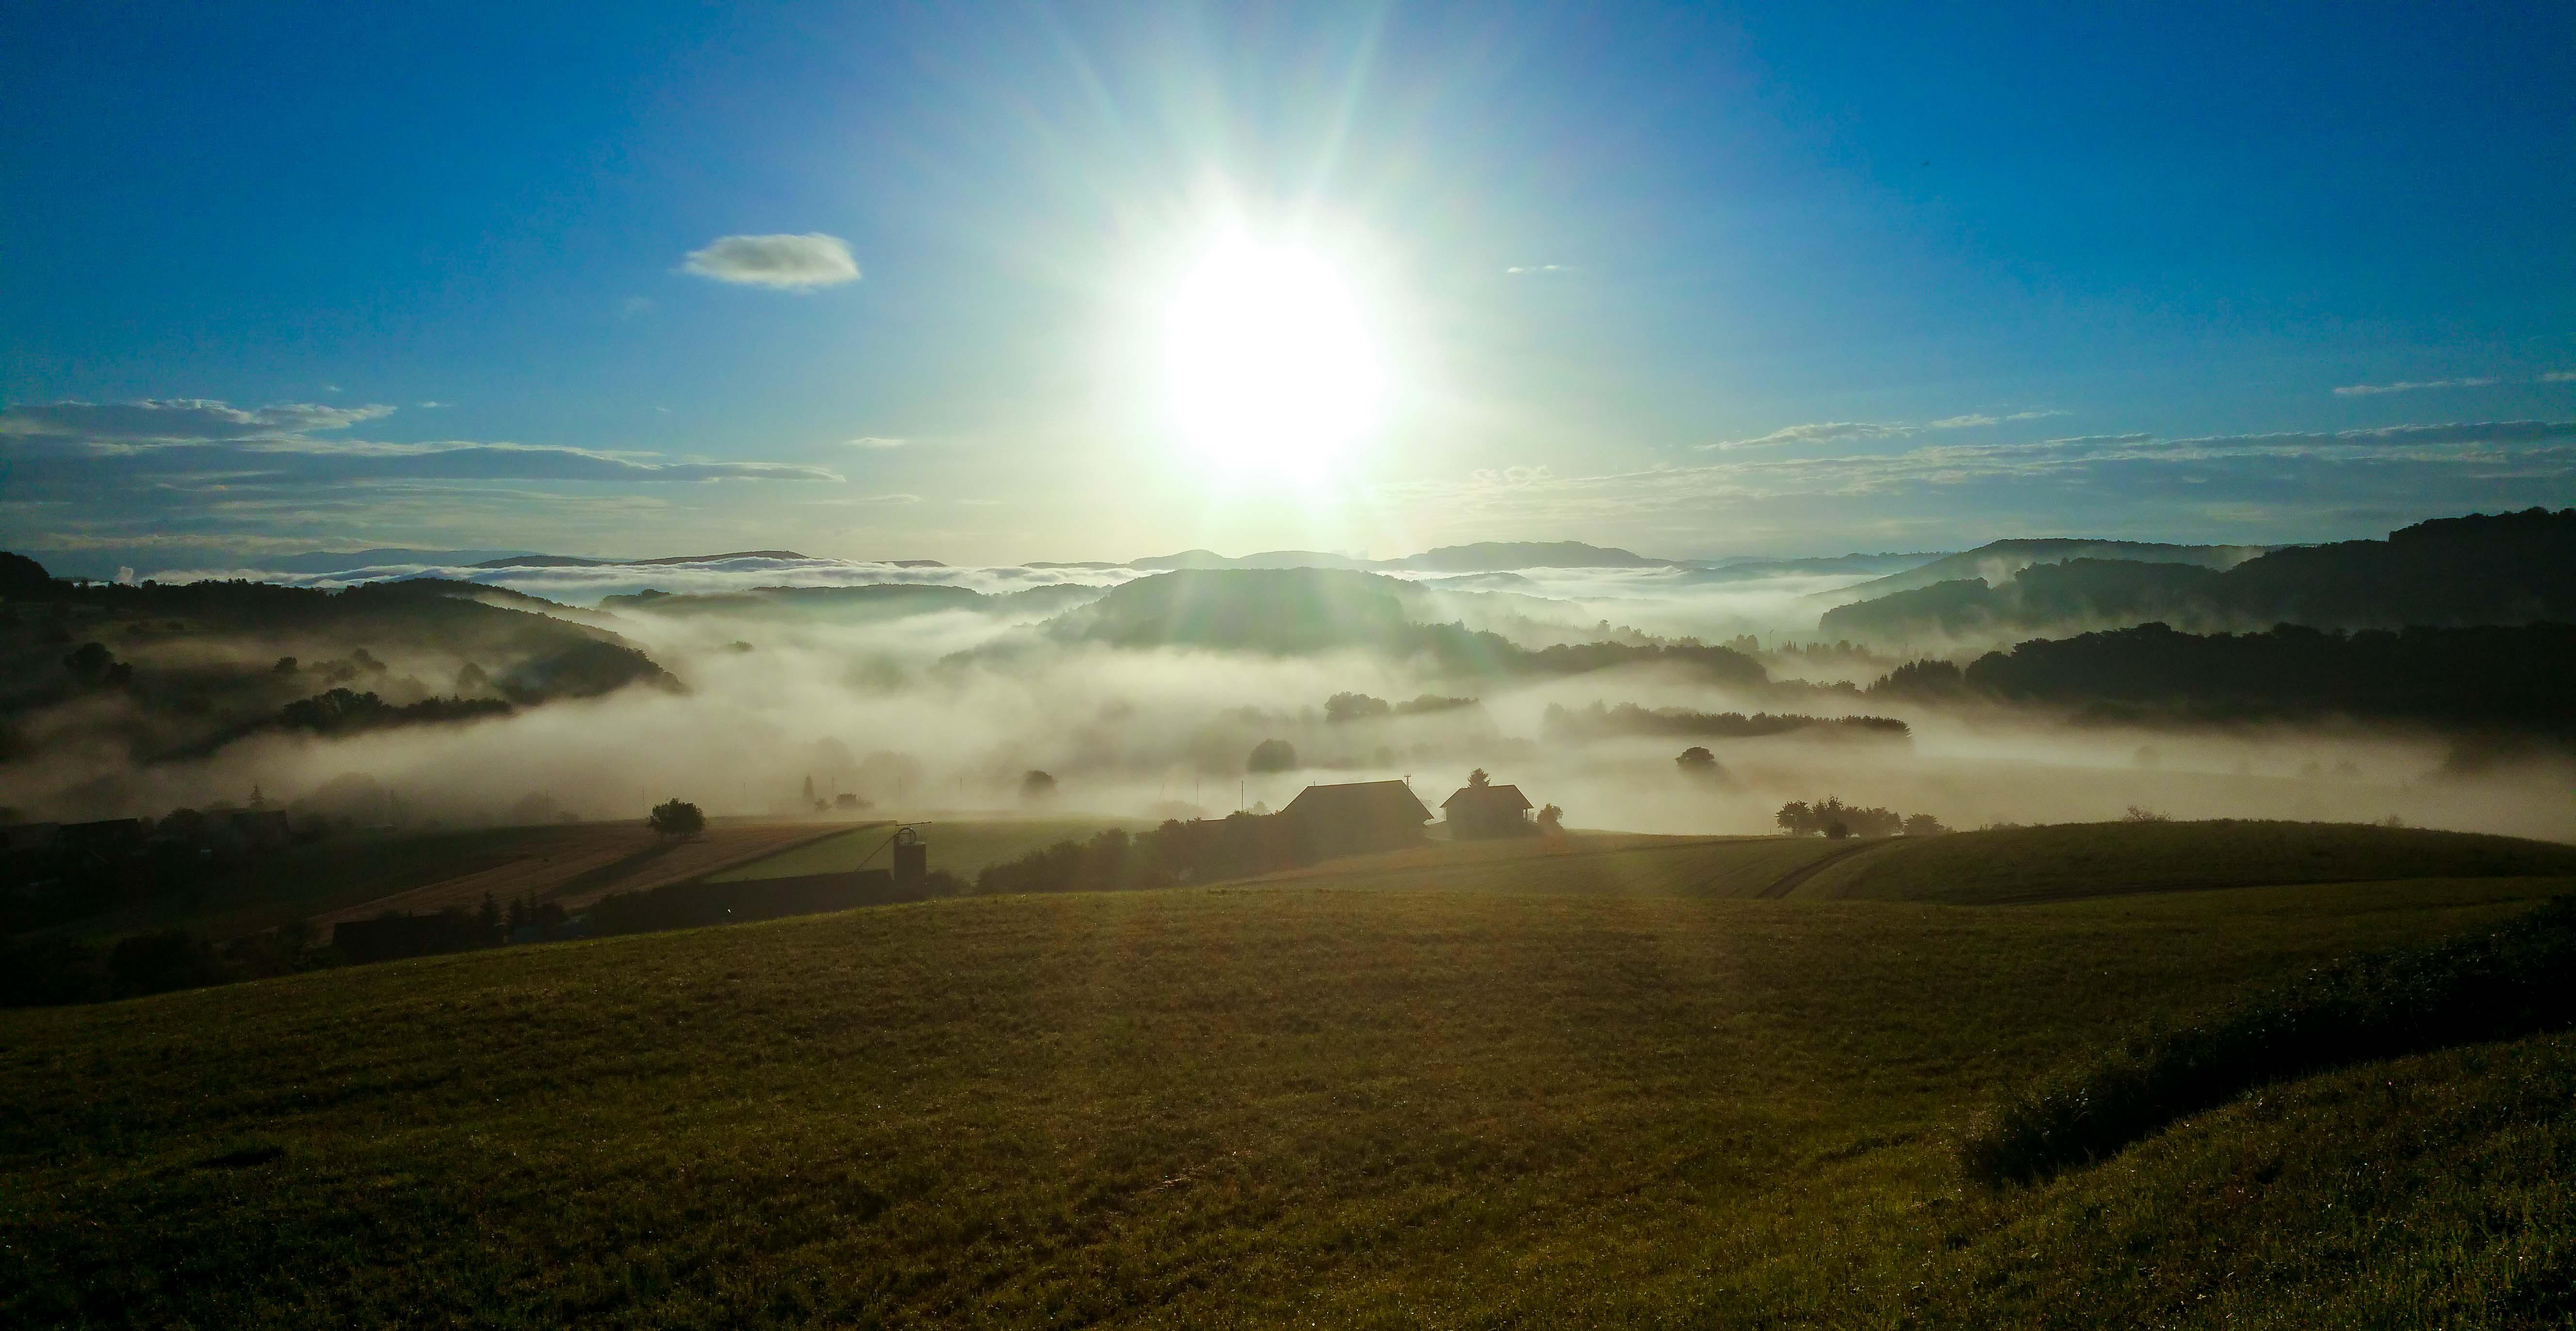 Landschaft_Sonnenaufgang-1